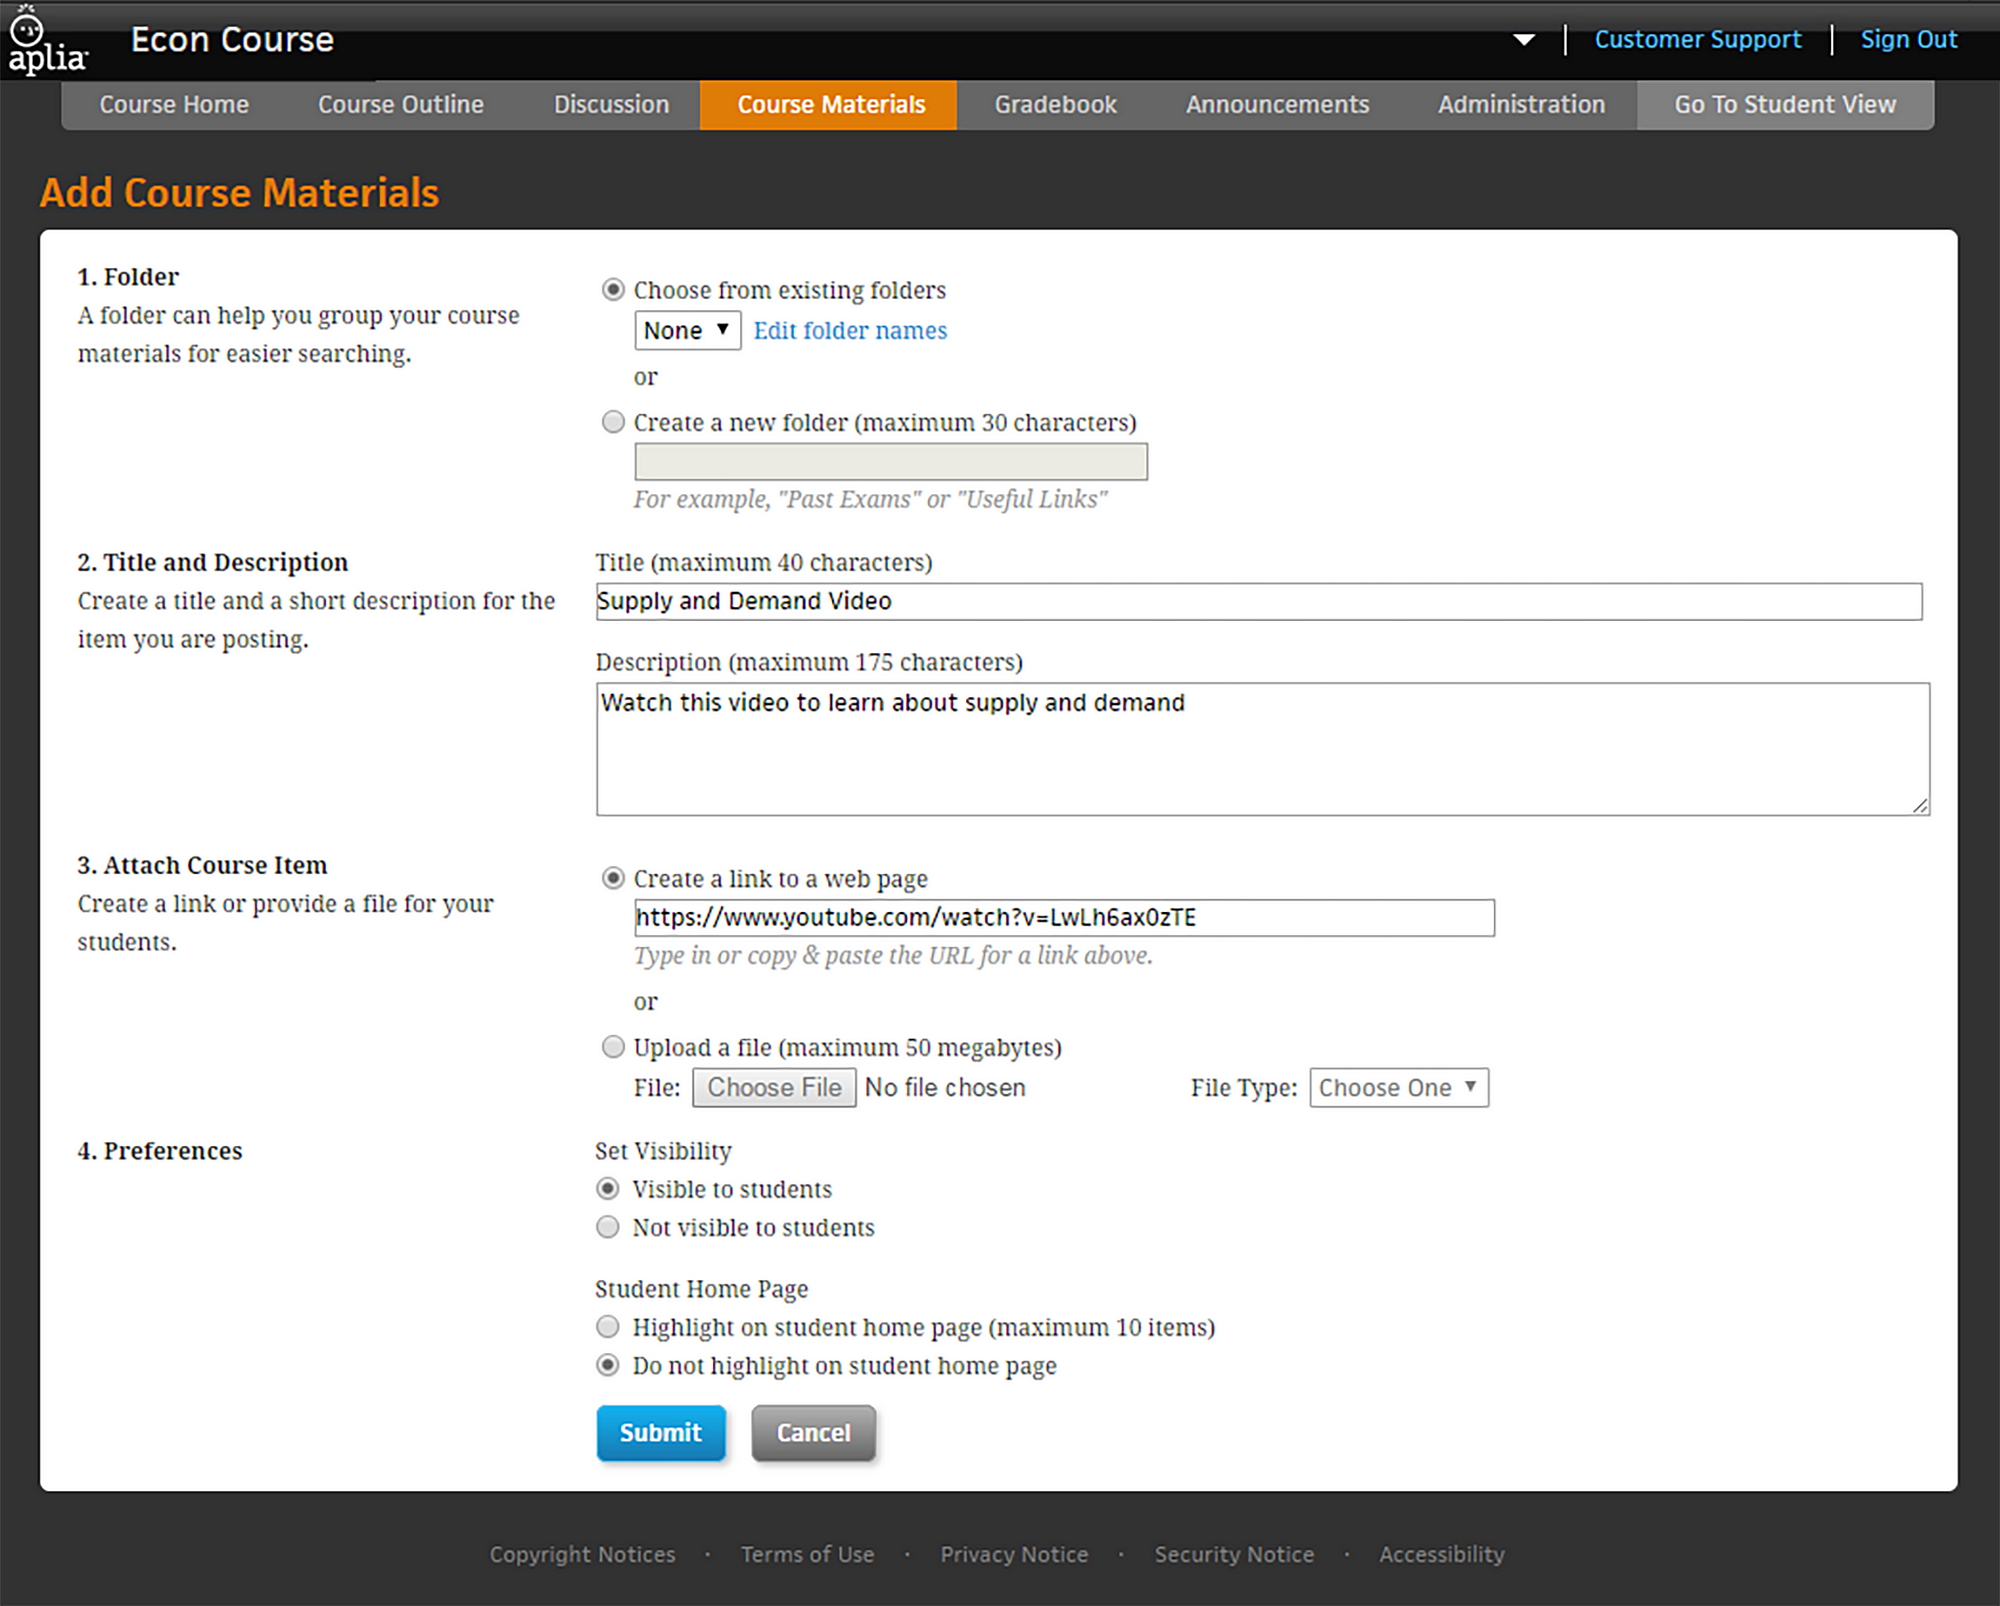 Aplia Add Course Materials screen grab